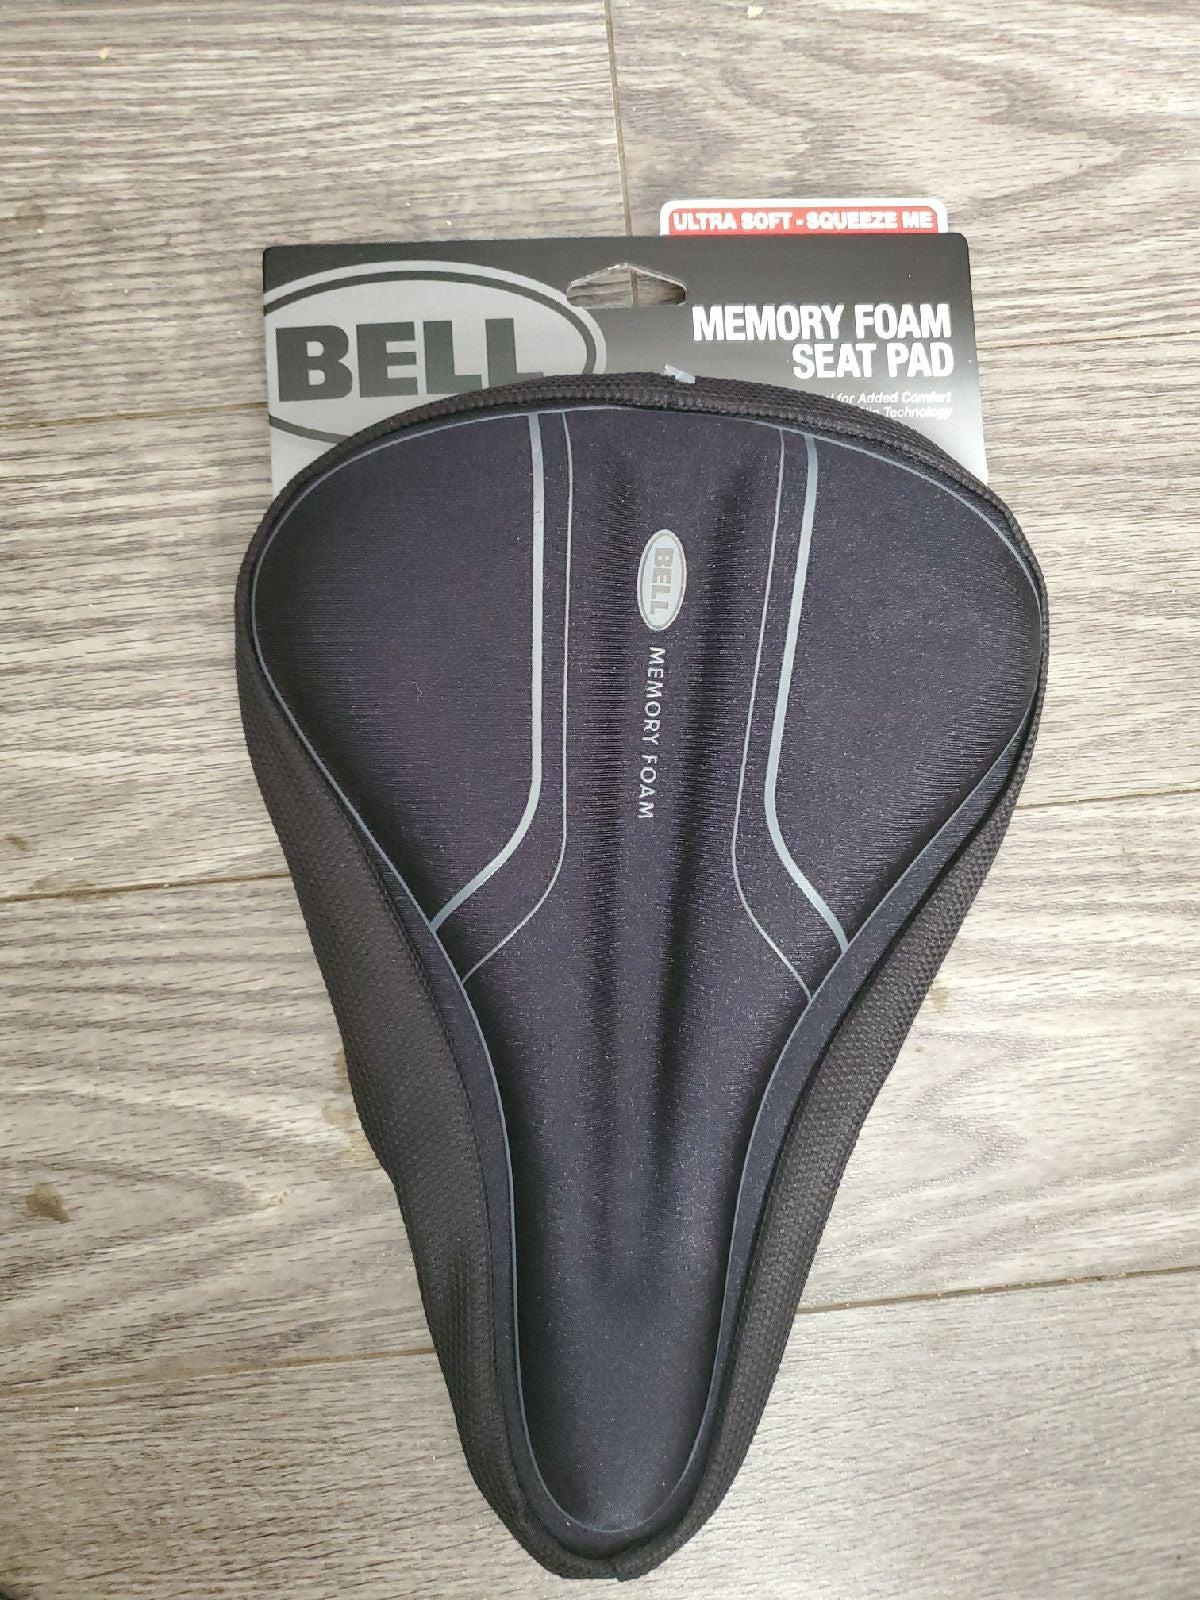 Bell Memory Foam Seat Pad